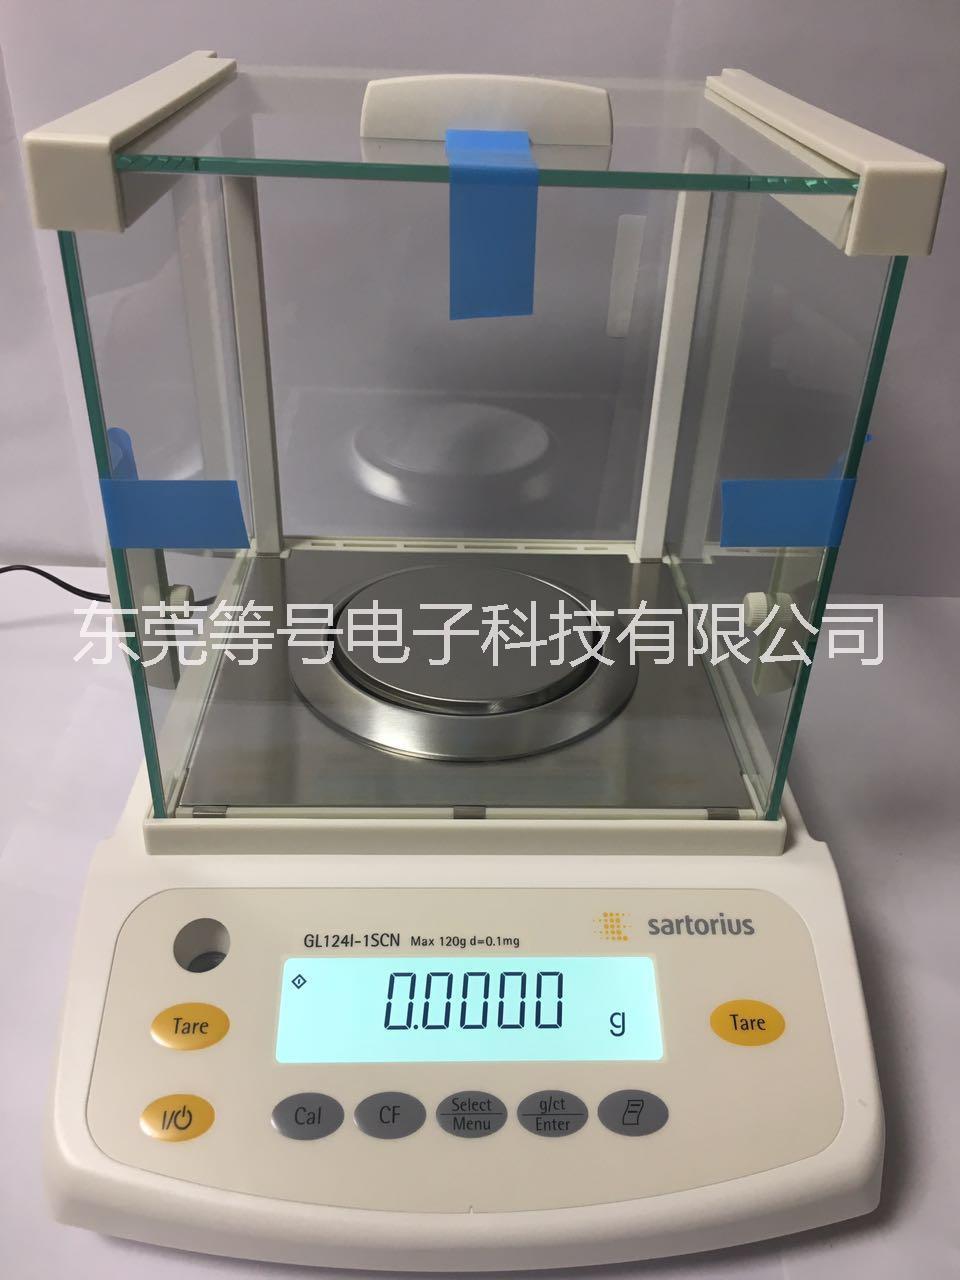 赛多利斯GL124-1SCN珠宝天平多少钱电子天平图片